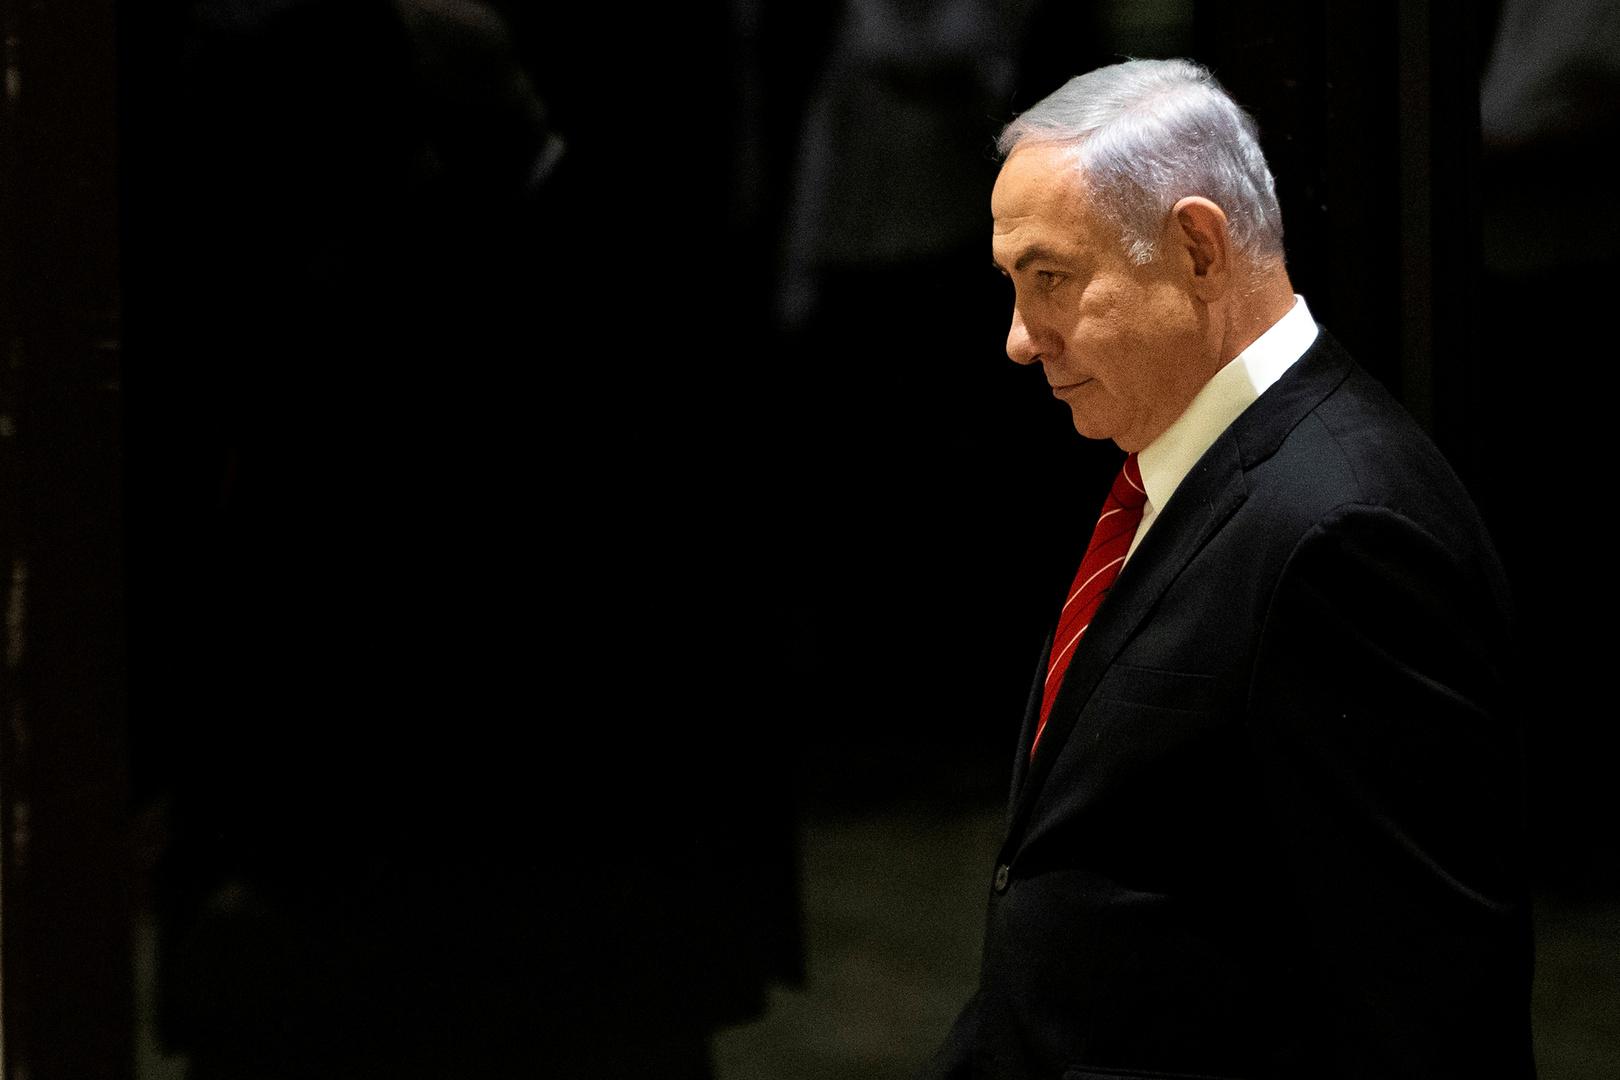 نتنياهو مخاطبا الرئيس الفلسطيني: عمليات الطعن والدهس والتحريض لن تجدي لكم نفعا